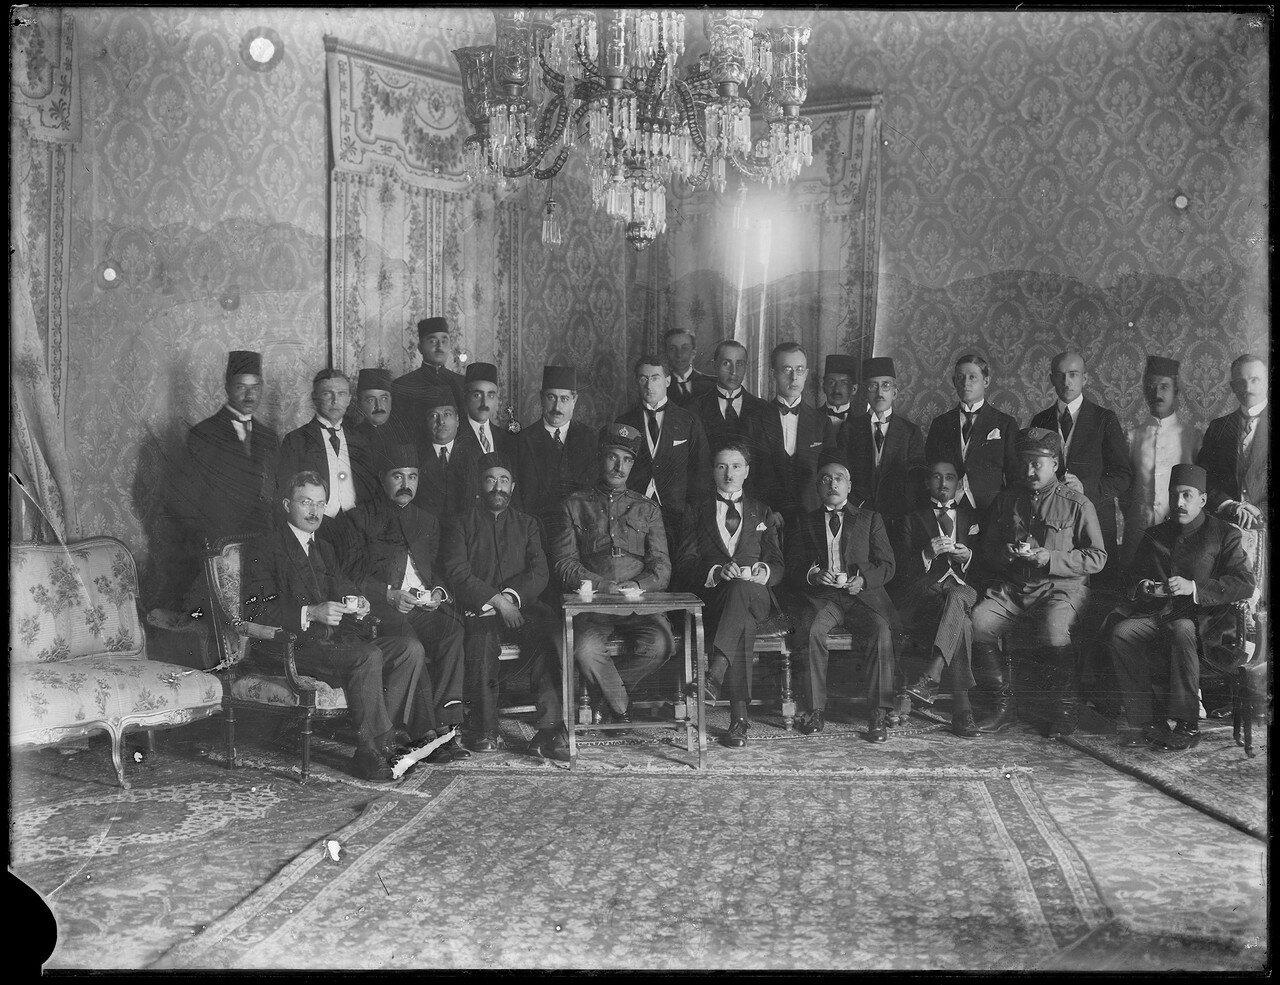 Борис Захарович Шумяцкий, полномочный представитель Советского Союза с шахом Реза Пехлеви и министрами. 1925